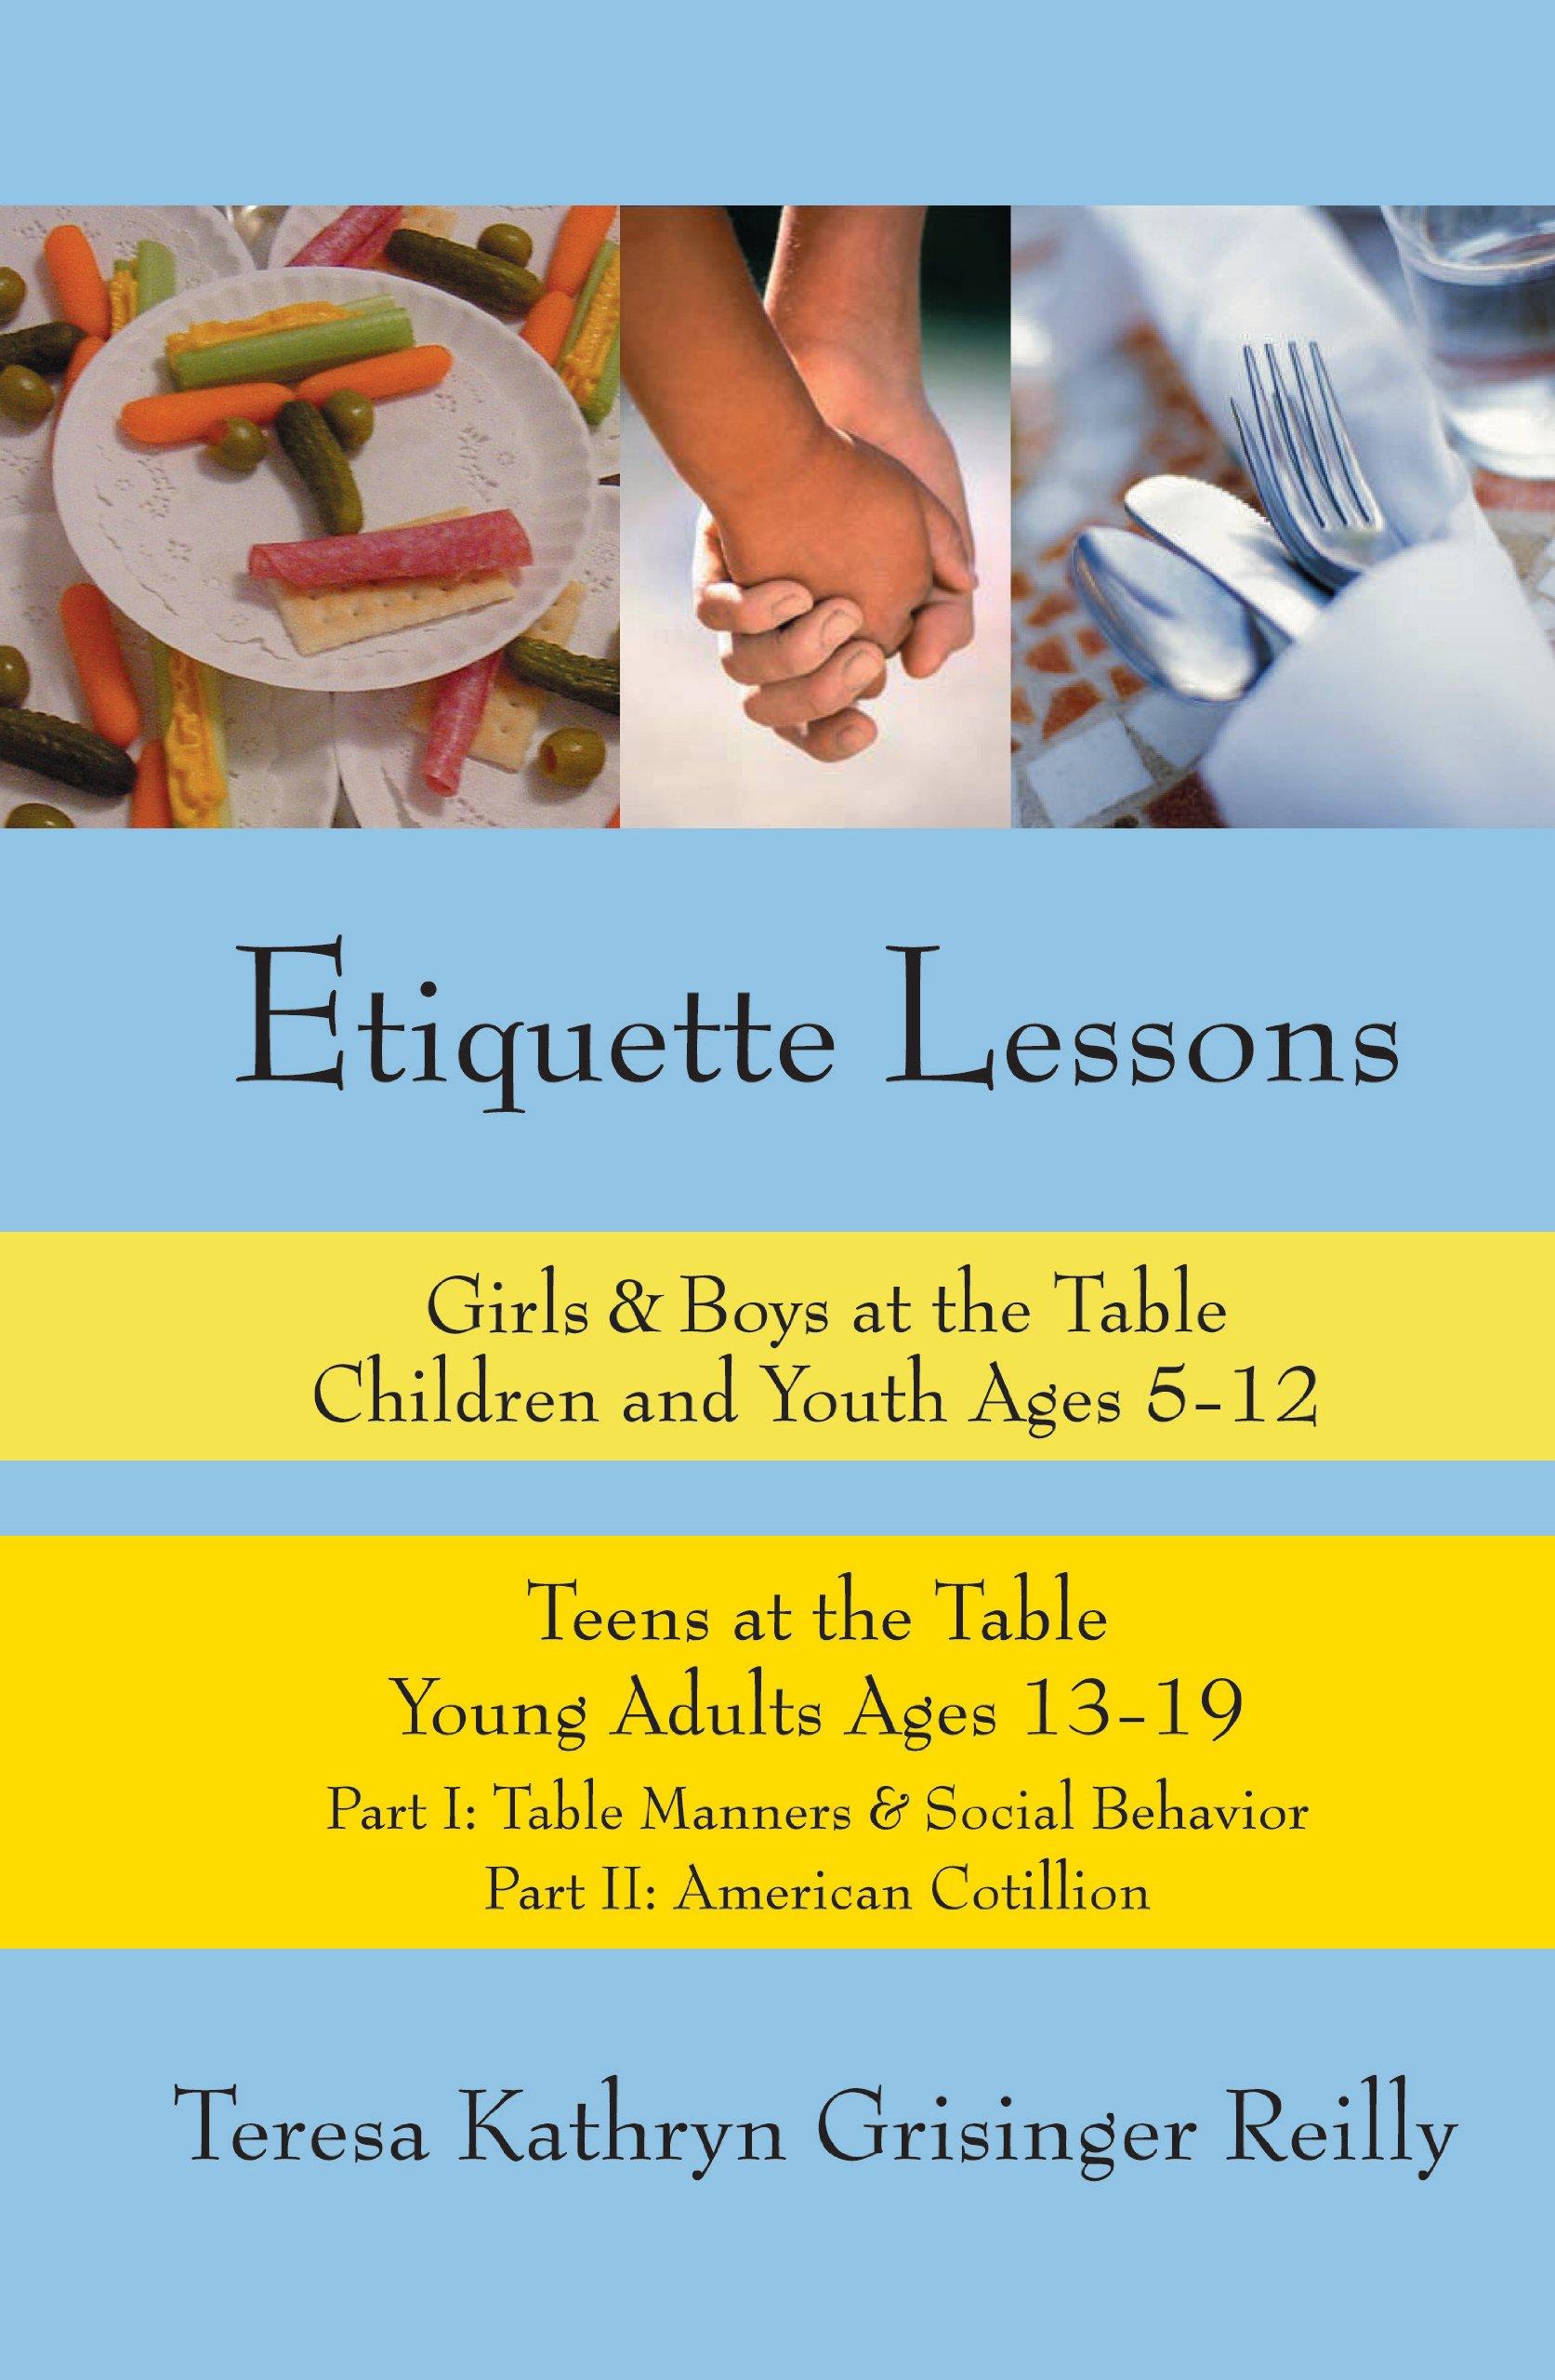 Comprehensive Etiquette Curriculum for Children K-12